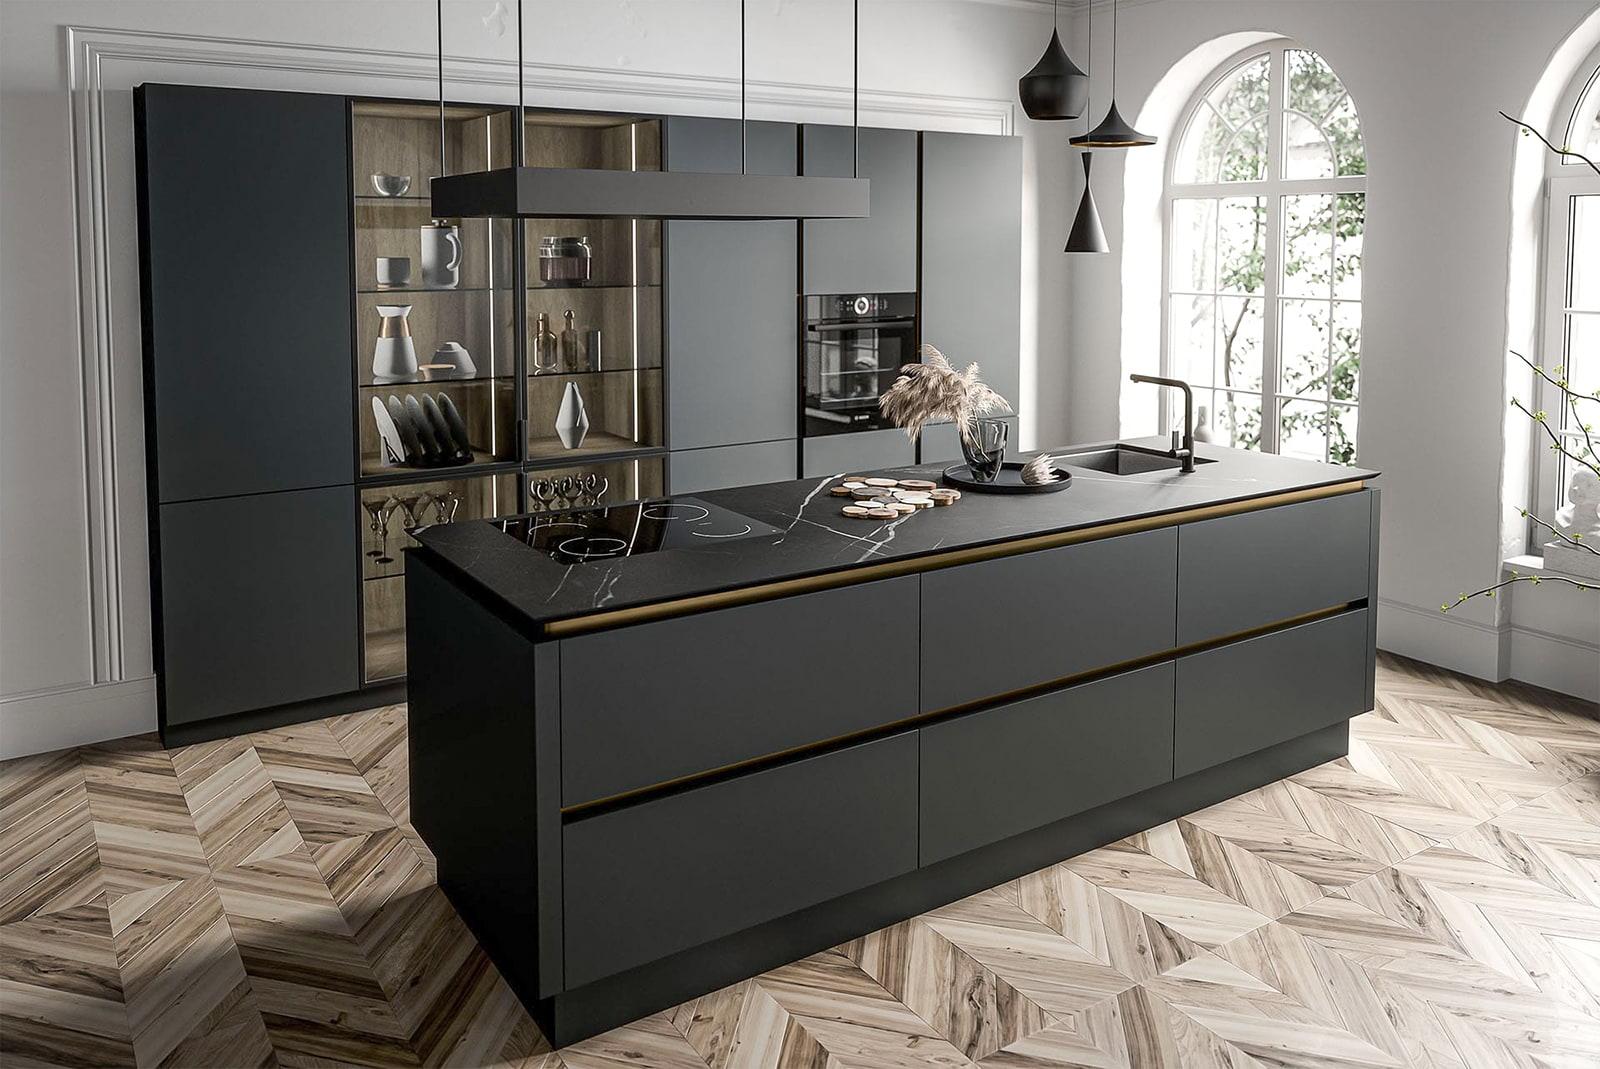 wohnküche modern küche mit kochinsel moderne küchenzeile anthrazit